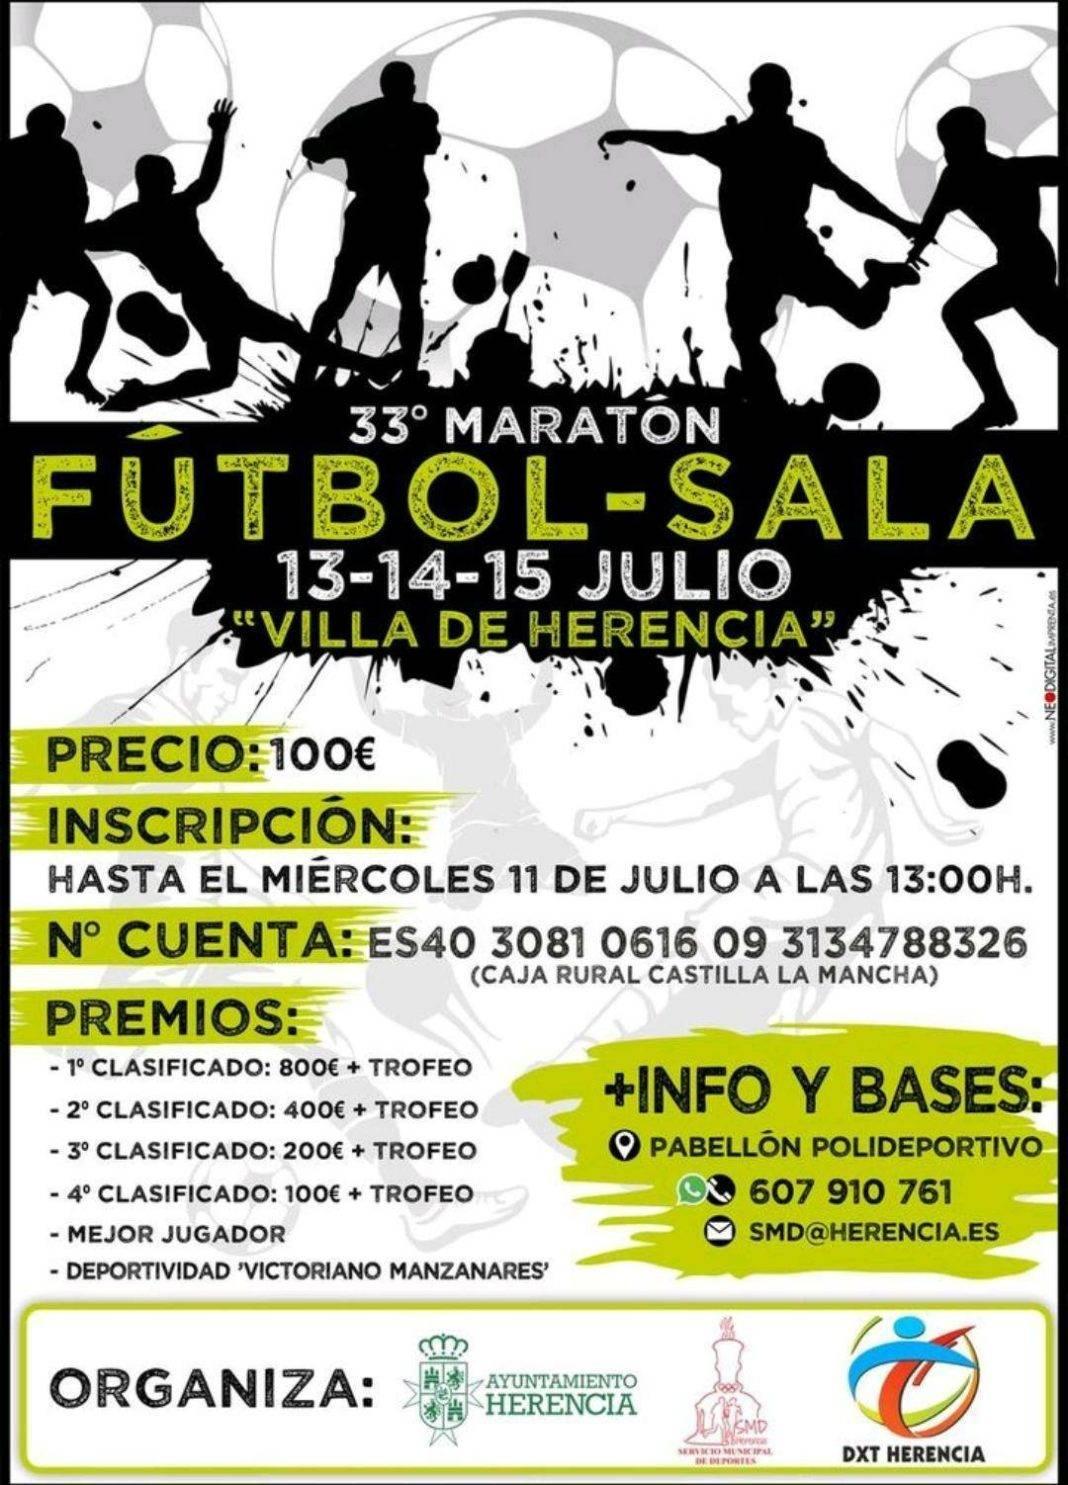 """33 maraton futbol sala herencia 1068x1485 - Comienza el 33 Maratón de Fútbol Sala """"Villa de Herencia"""""""